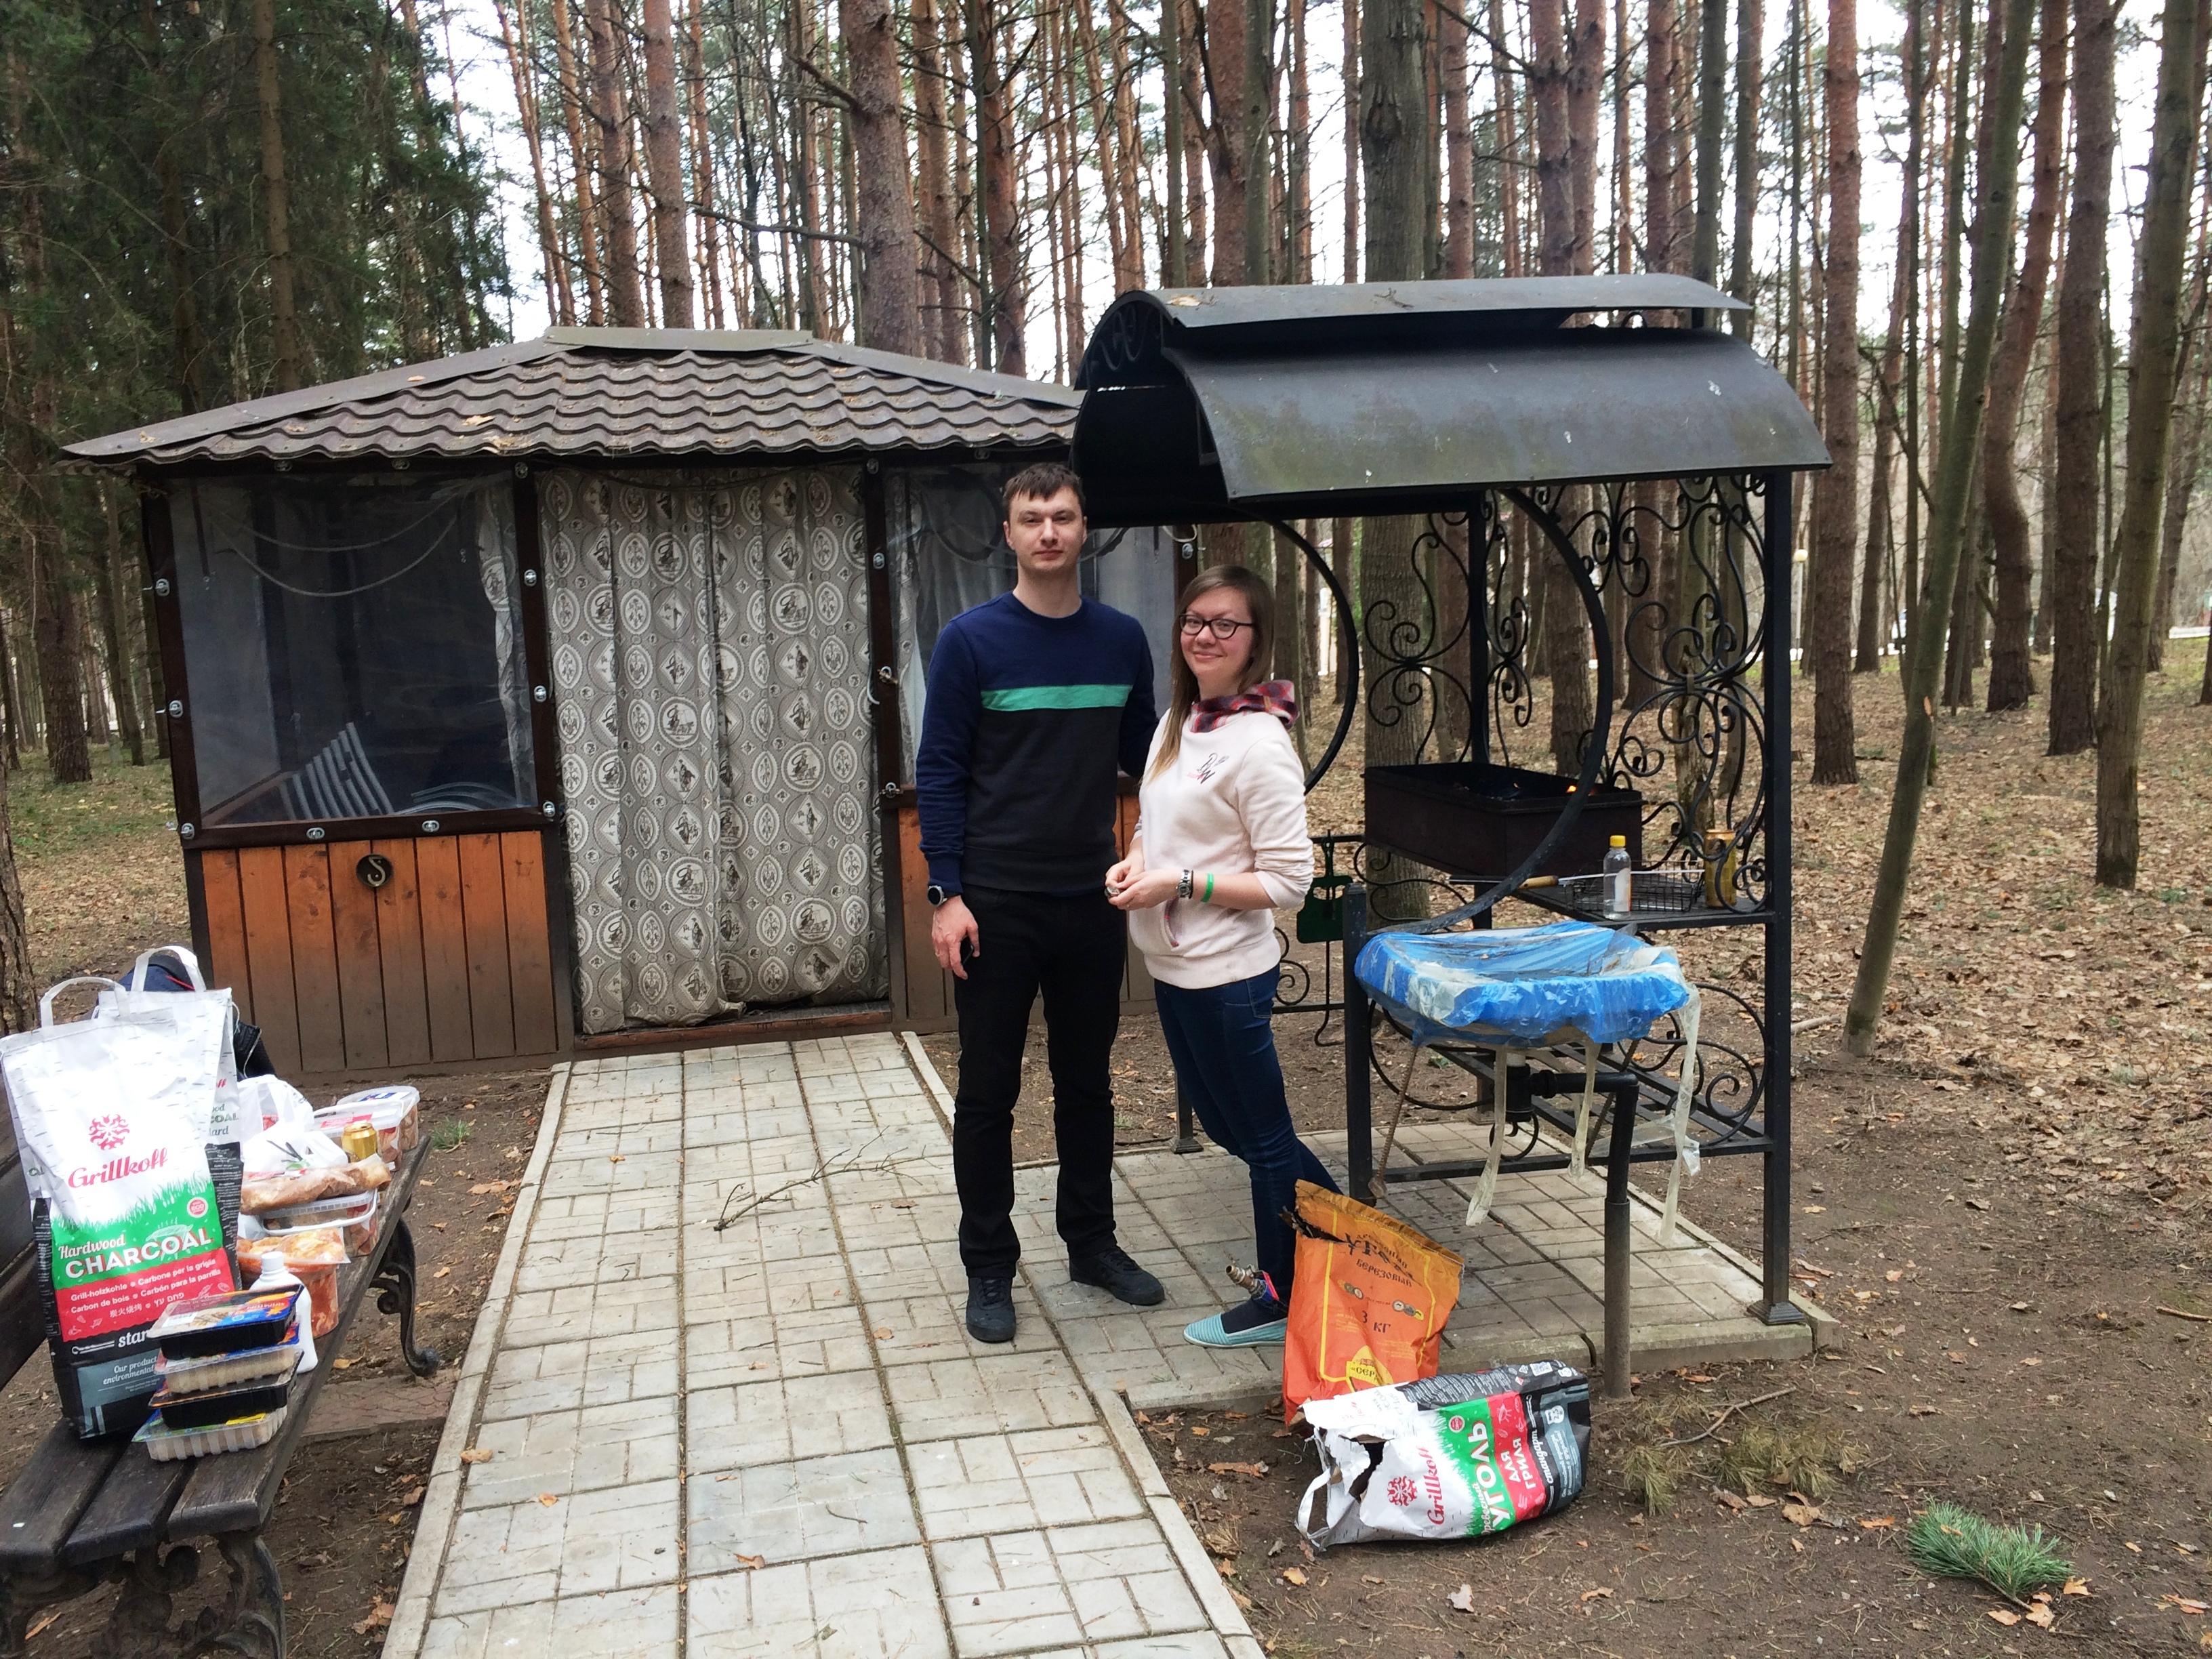 Павел Чеботарев и Юля Старостина традиционно готовыт шашлыки на всю нашу команду